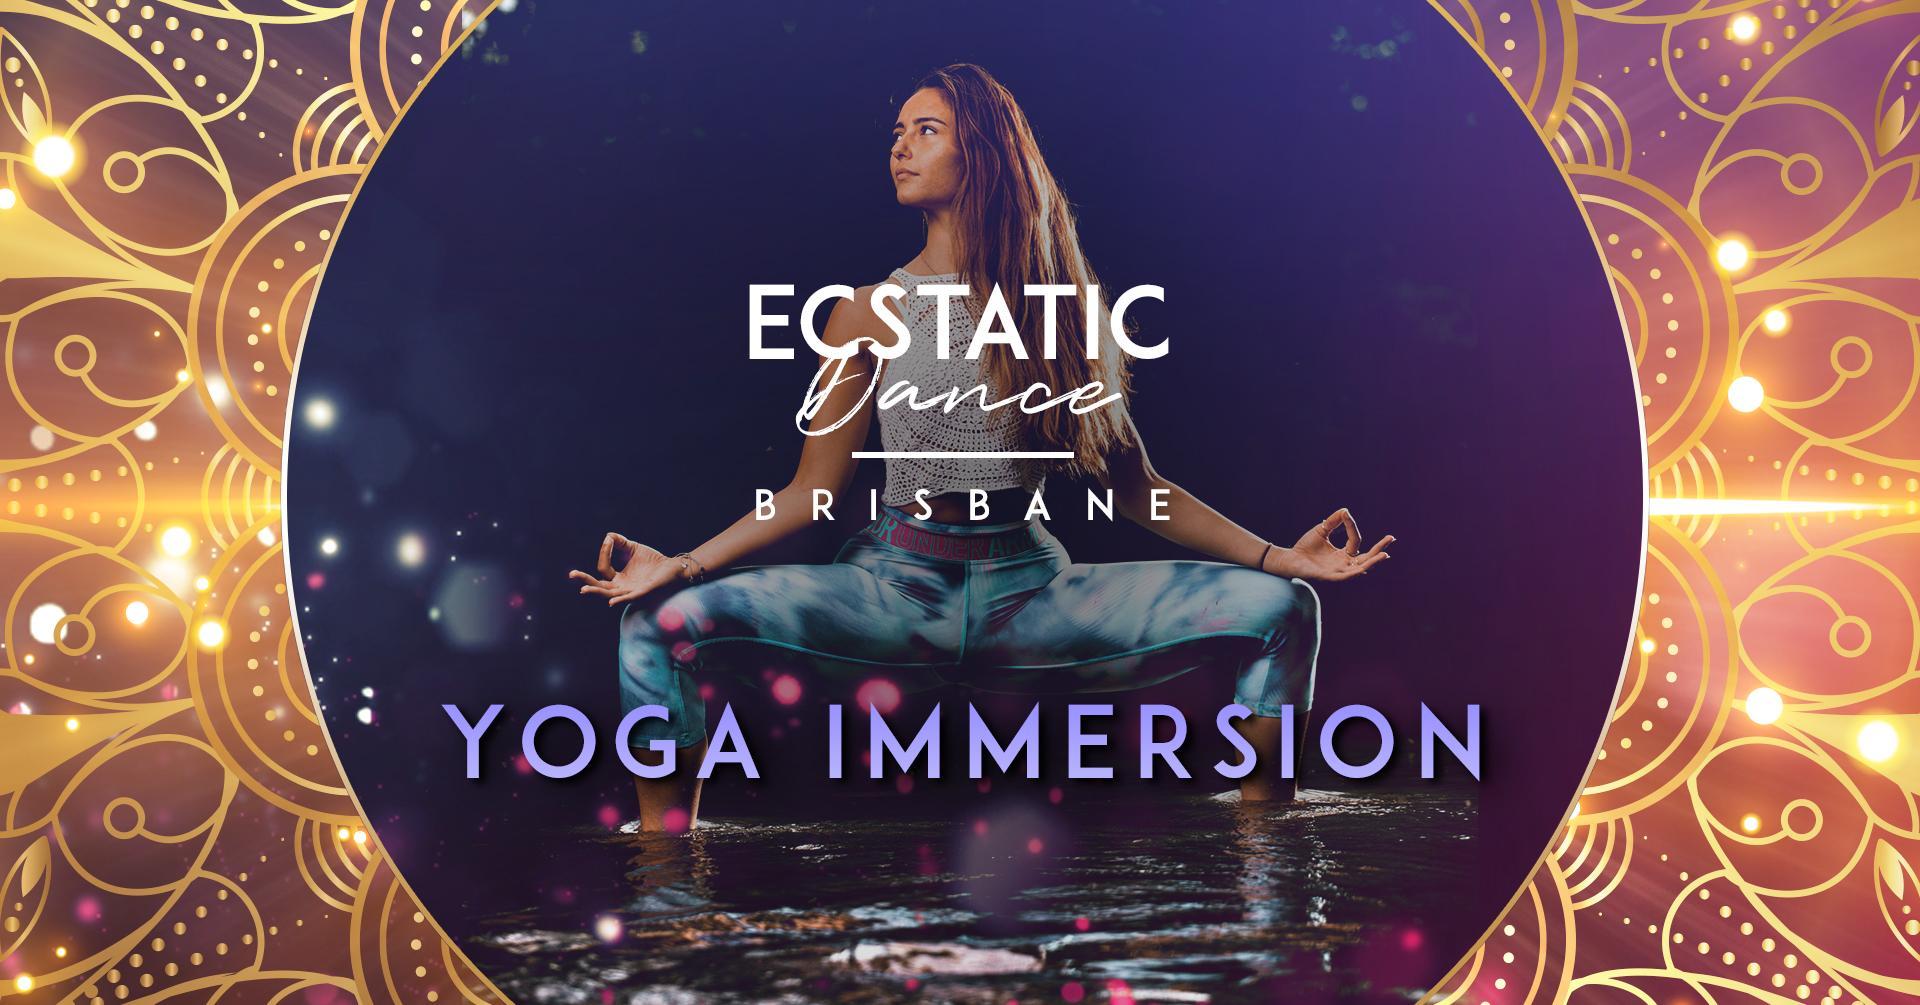 Ecstatic Dance & Yoga Immersion